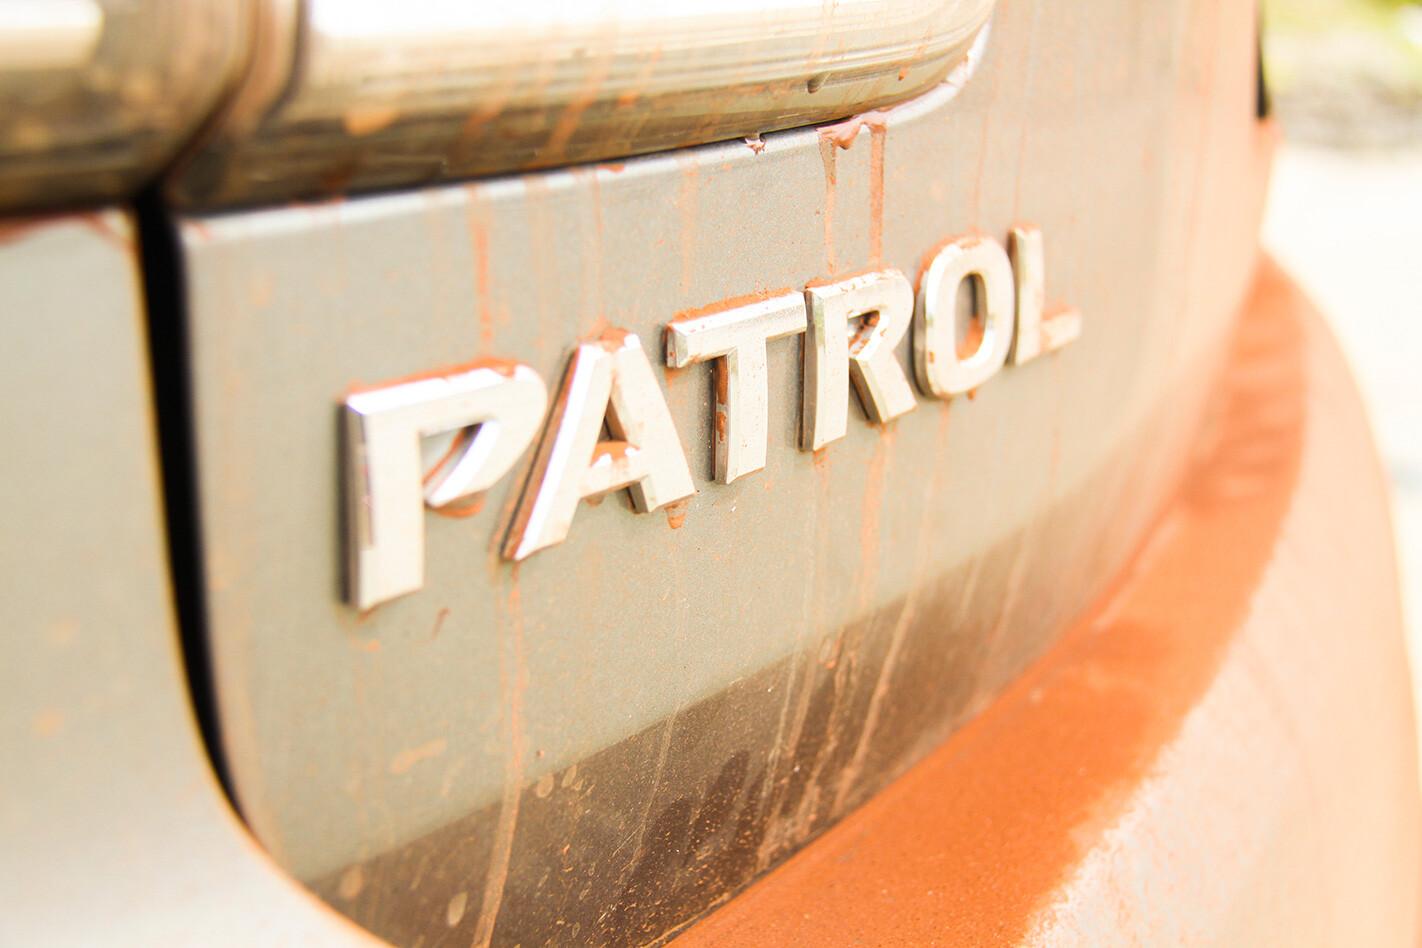 2017 Nissan Patrol Y62 badge.jpg